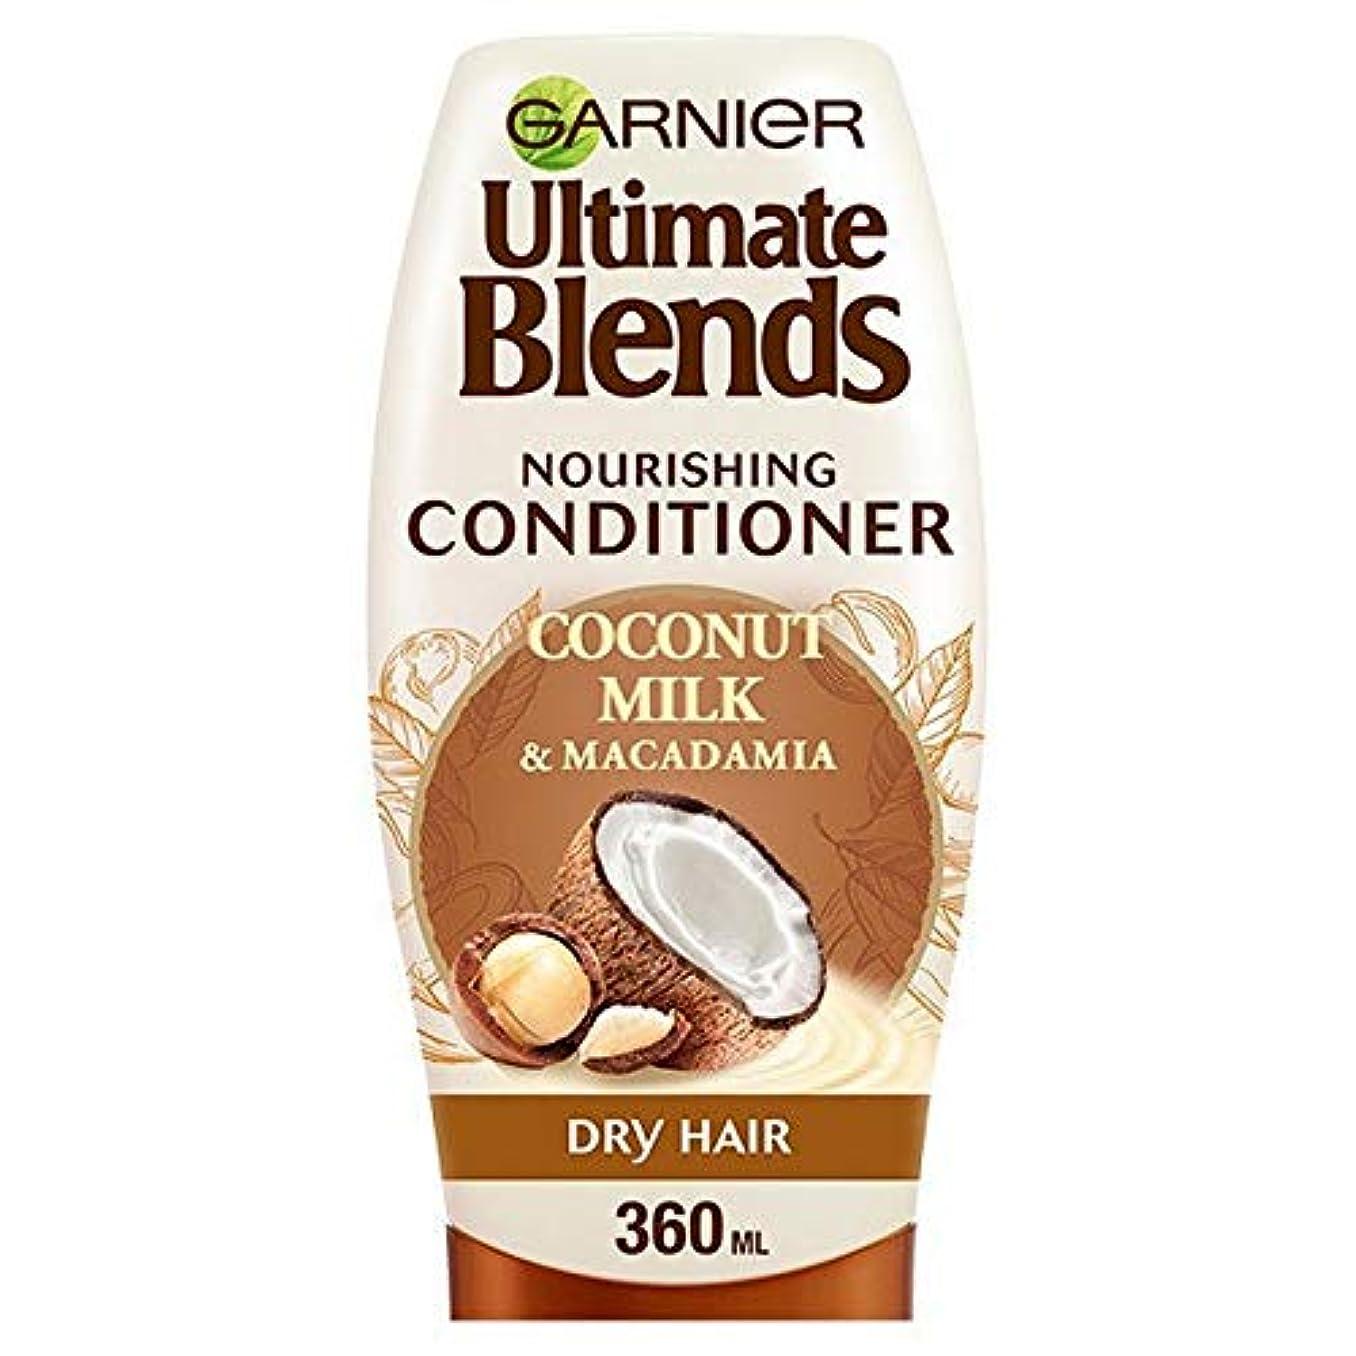 上に男らしさ大胆な[Garnier ] 究極のブレンドココナッツミルクドライヘアコンディショナー360ミリリットル - Ultimate Blends Coconut Milk Dry Hair Conditioner 360ml [並行輸入品]